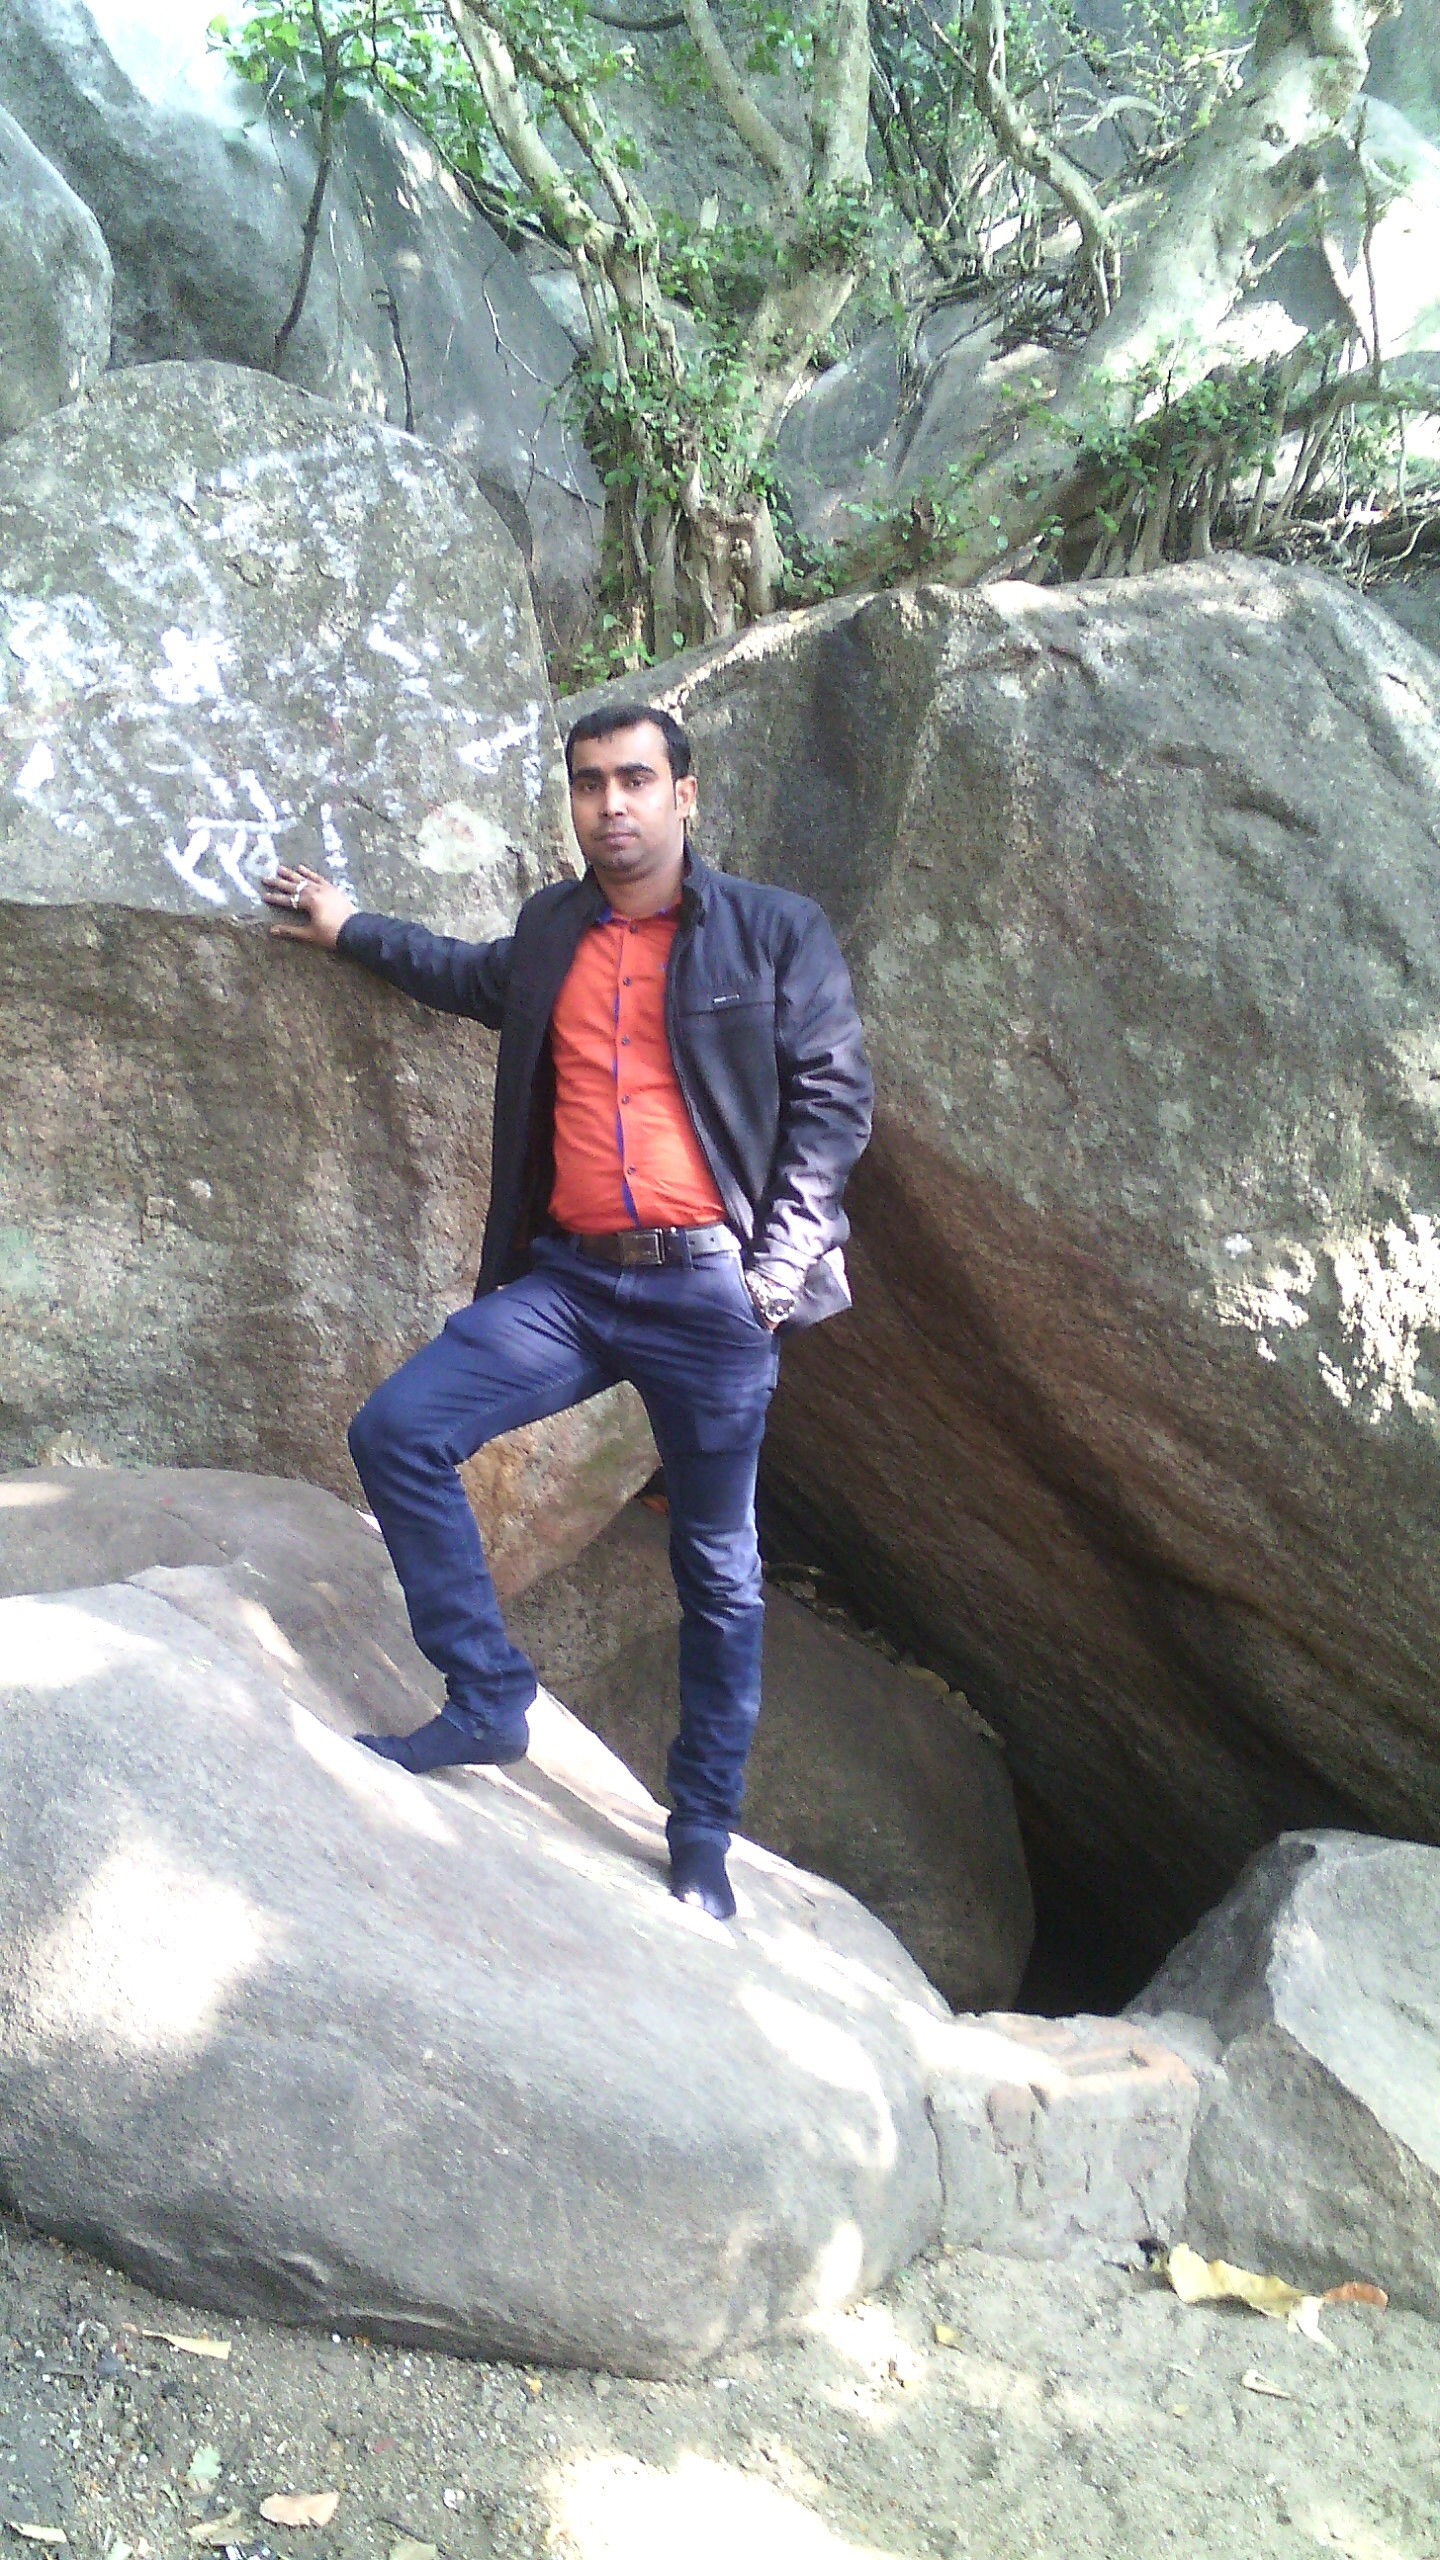 Surojit